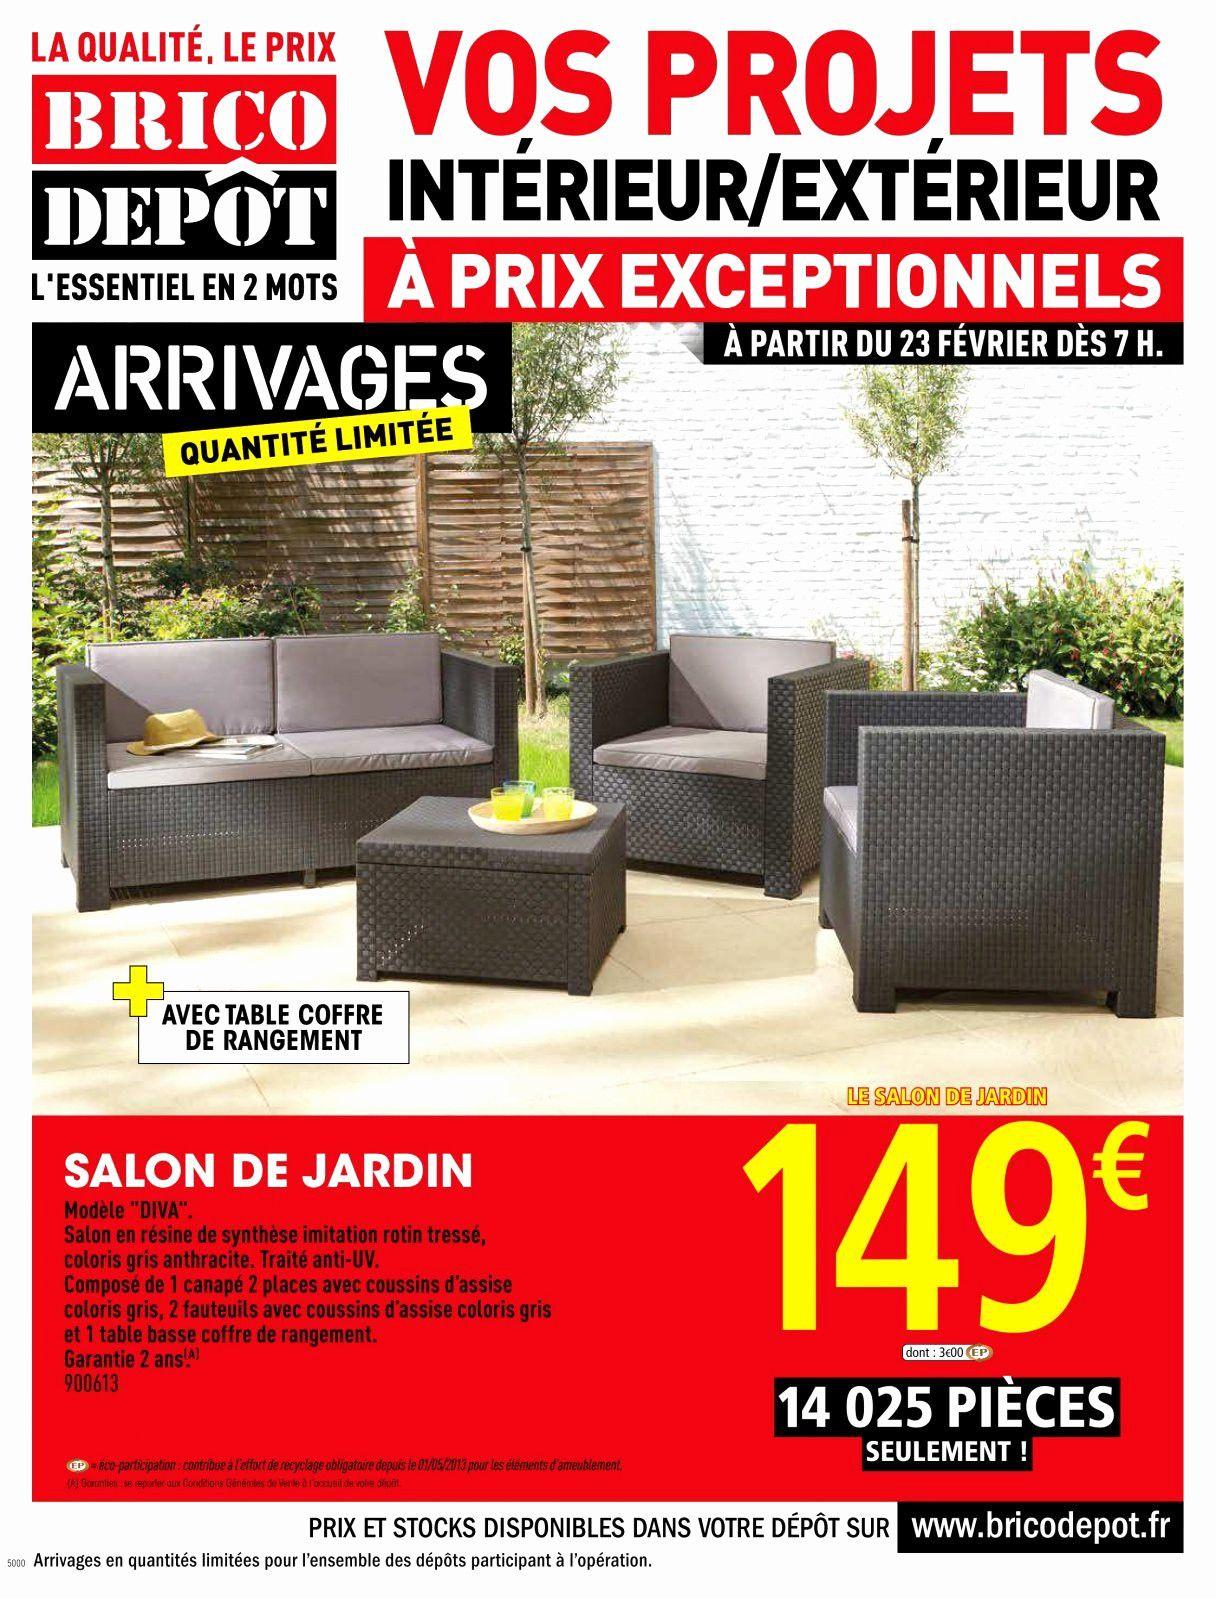 Unique Promo Salon De Jardin Brico Depot | Salon De Jardin ... à Mobilier Jardin Brico Depot